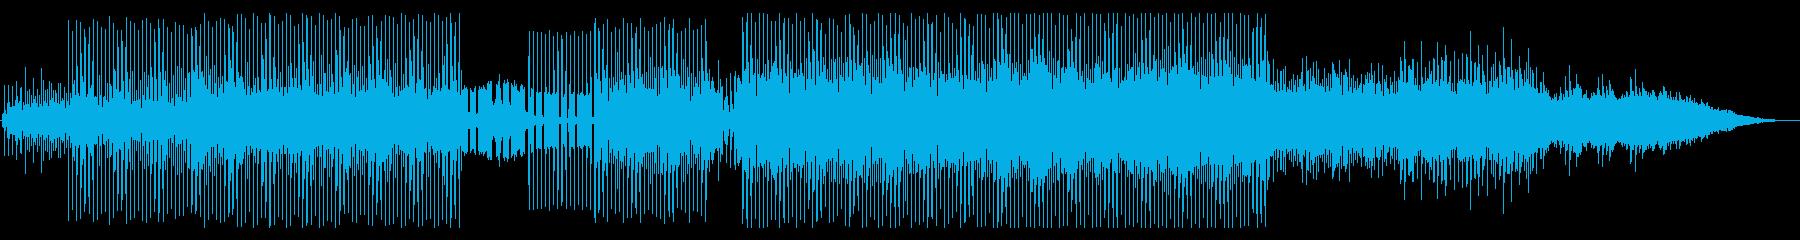 爽やかな透明感、近未来的テクノポップの再生済みの波形